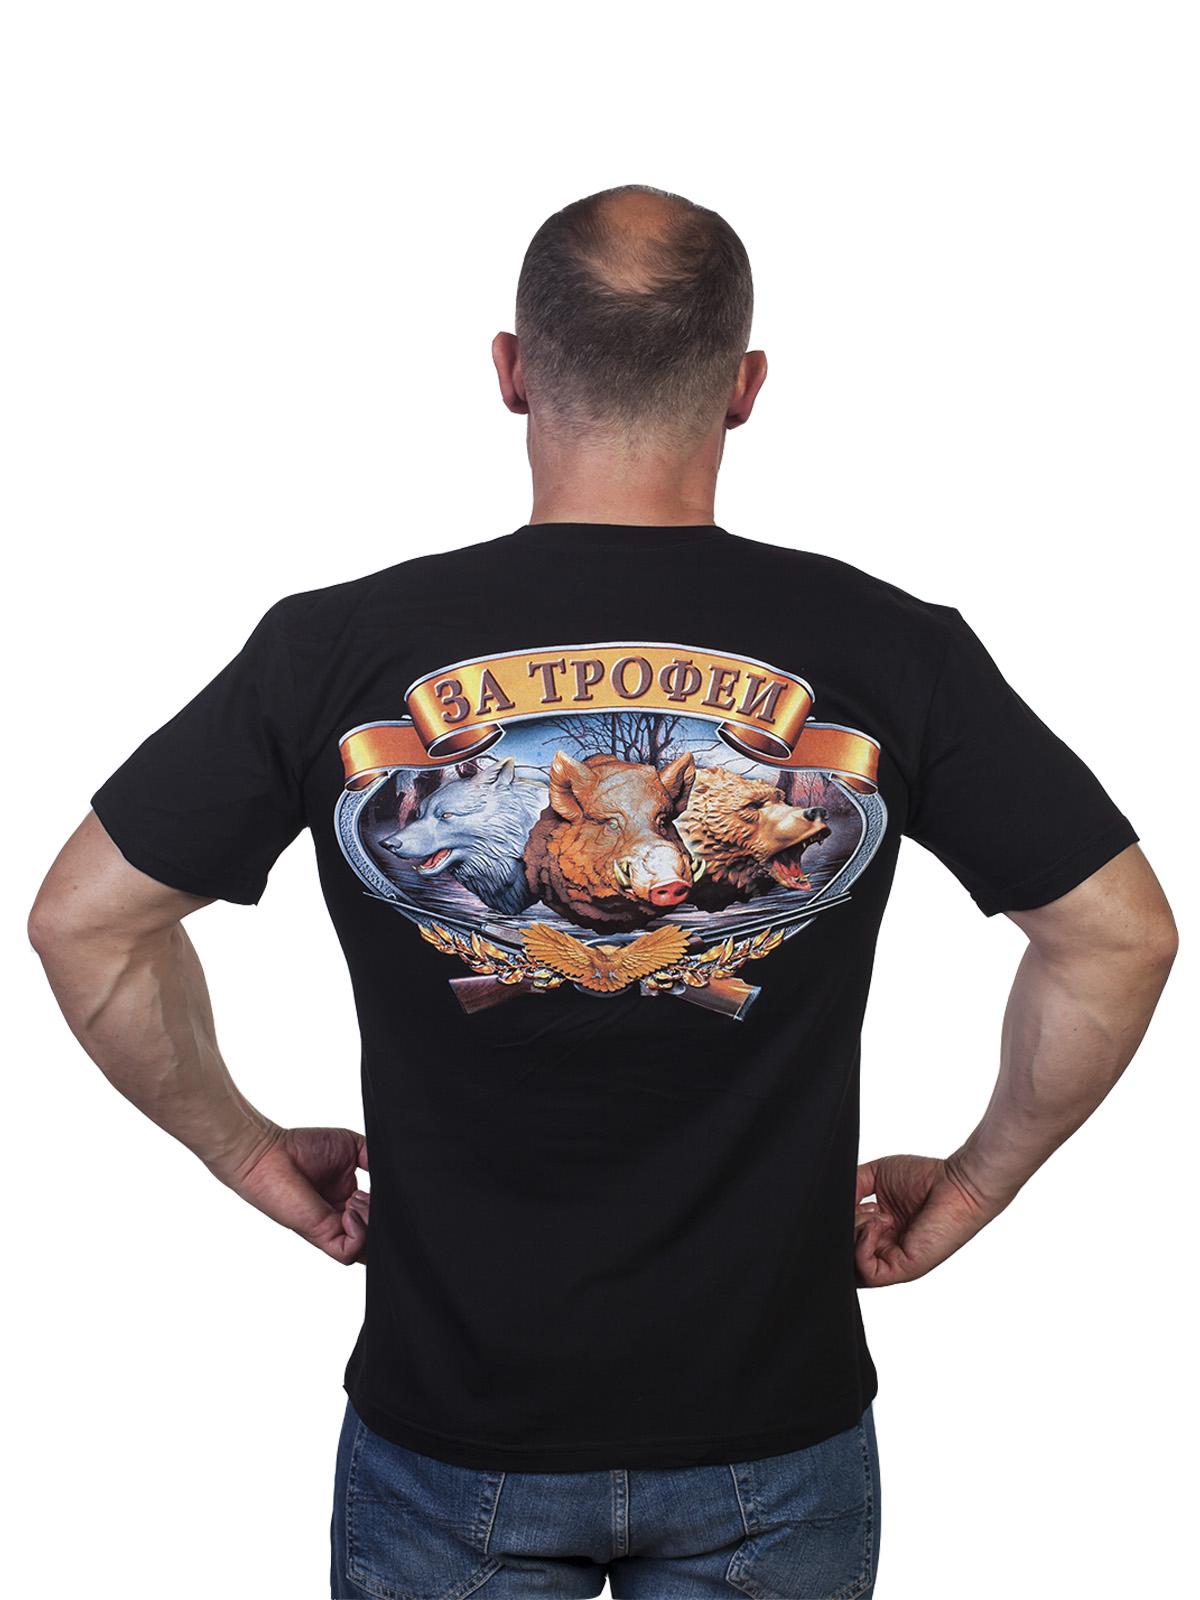 Мужская футболка «Лучший охотник» - купить онлайн